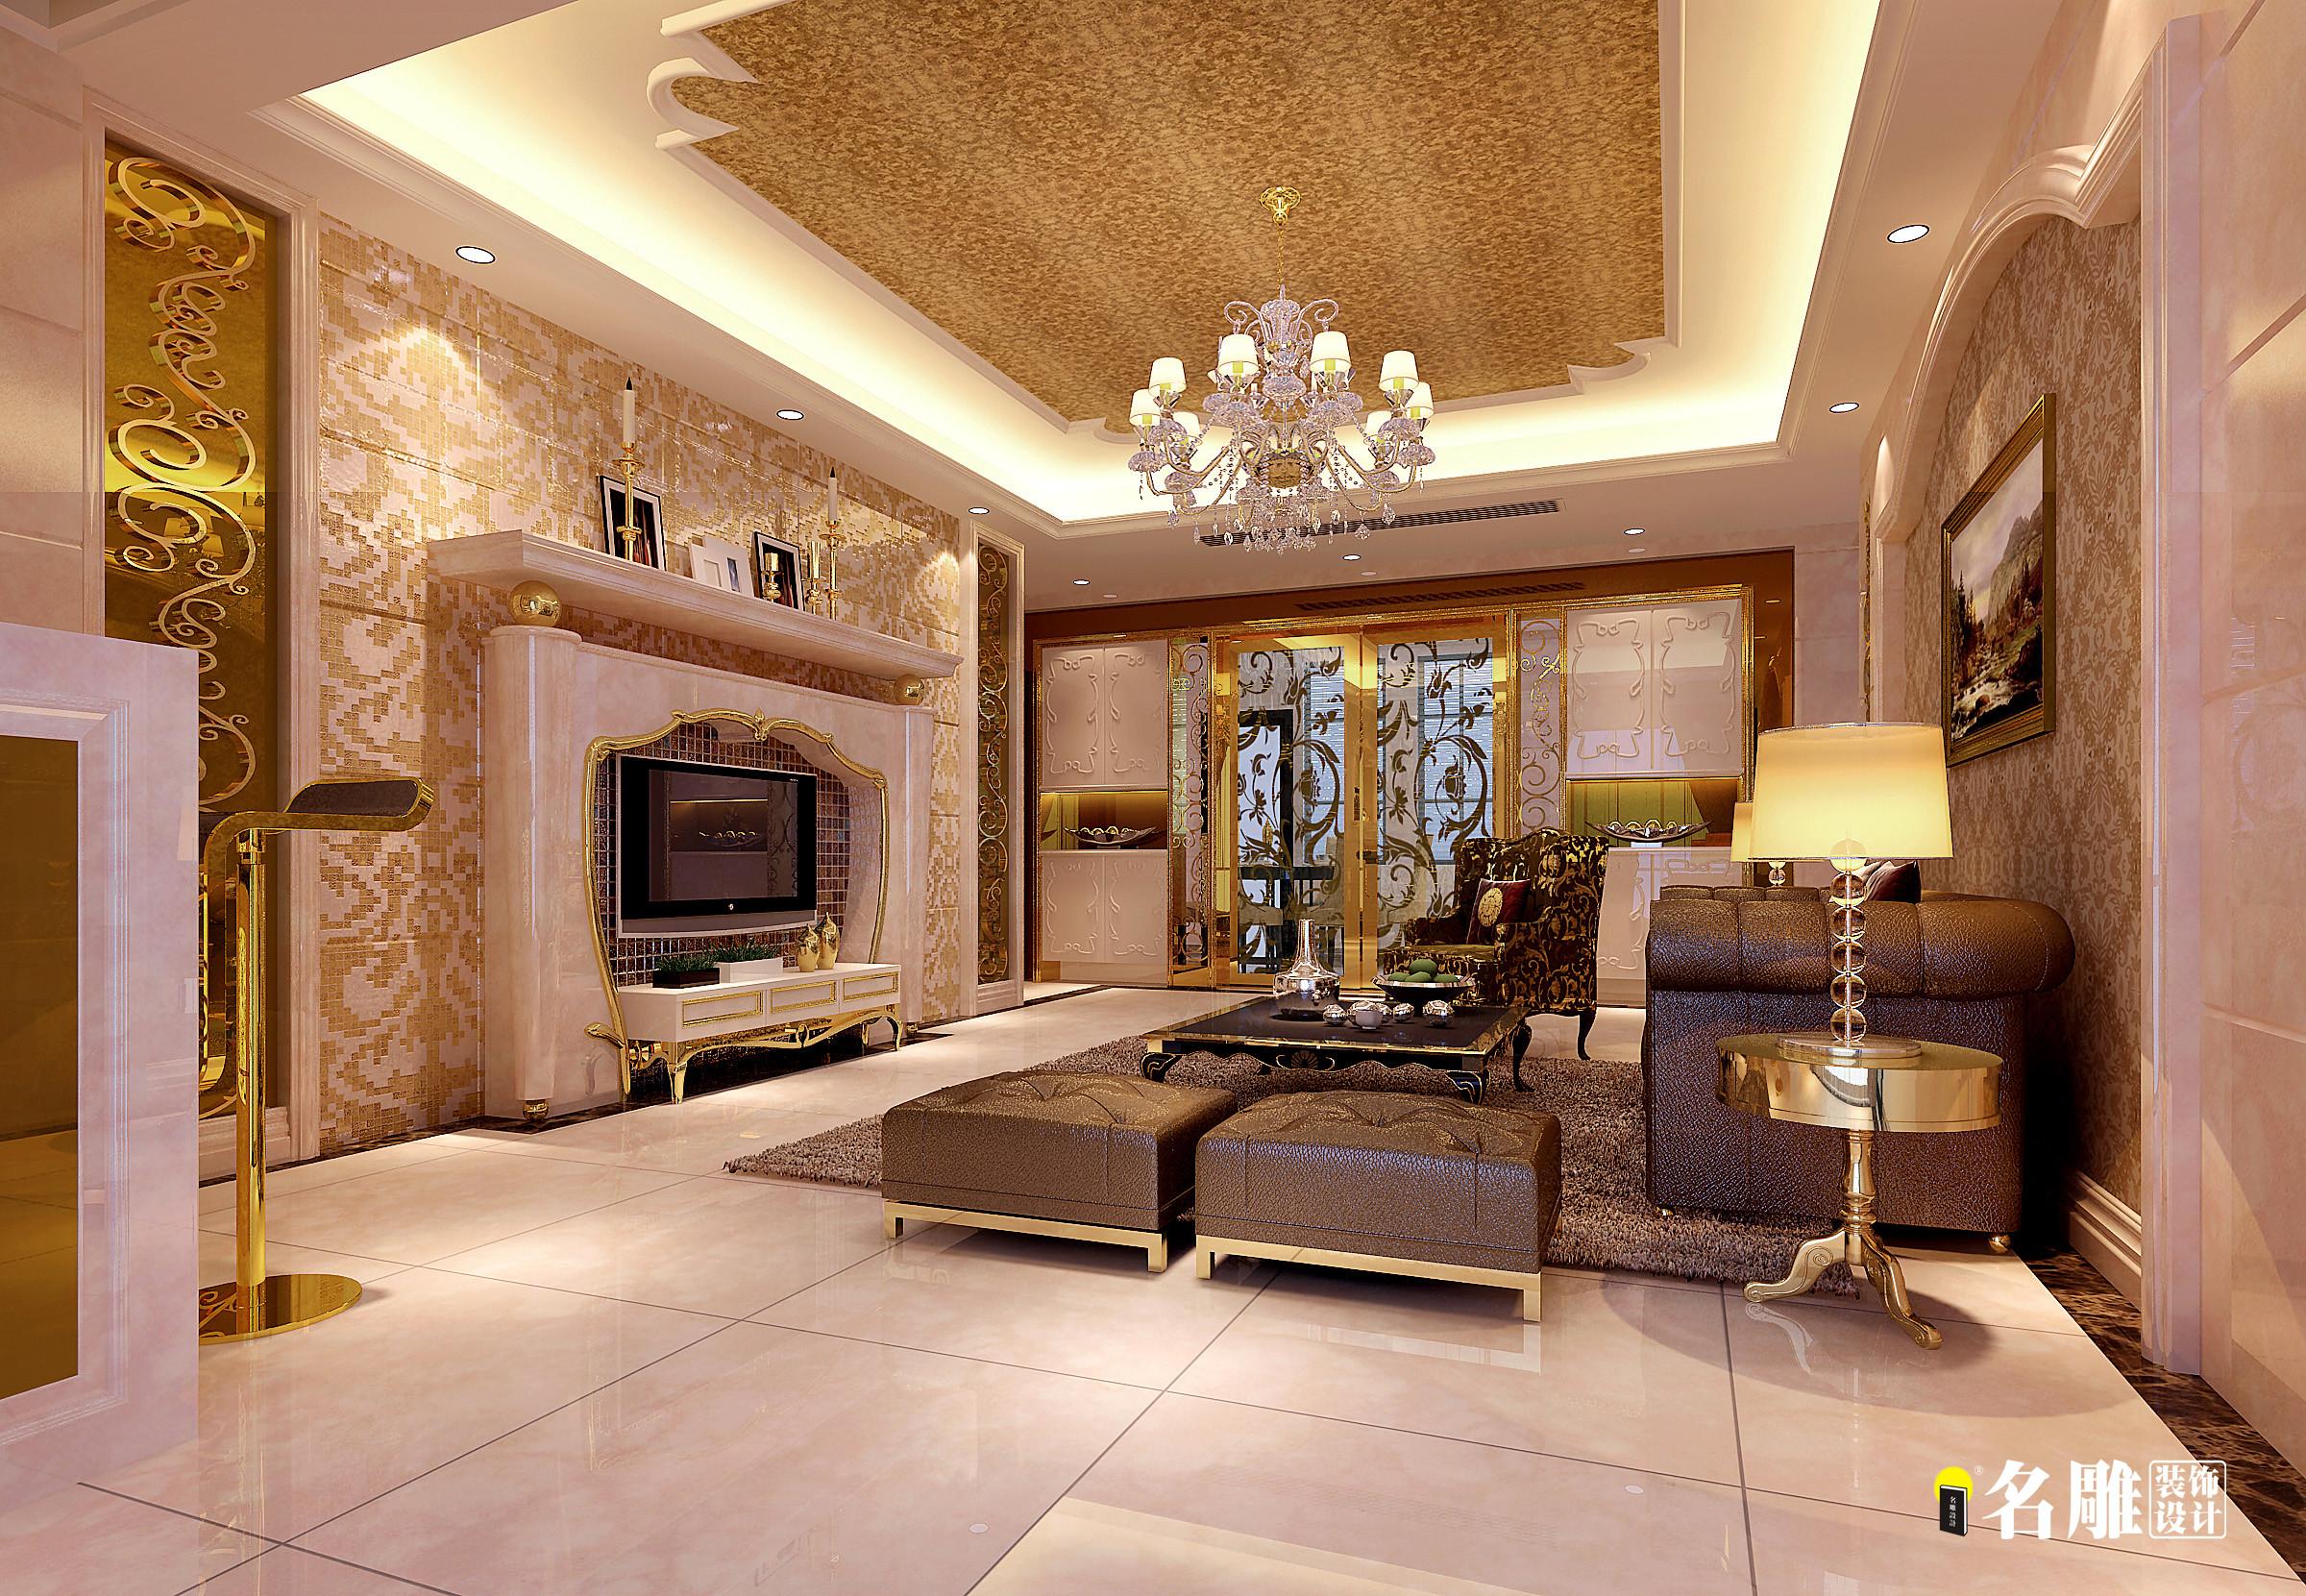 新古典风格 新古典 四居室 名雕装饰 珑御府 客厅图片来自名雕装饰设计在珑御府—新古典风格—四居室的分享